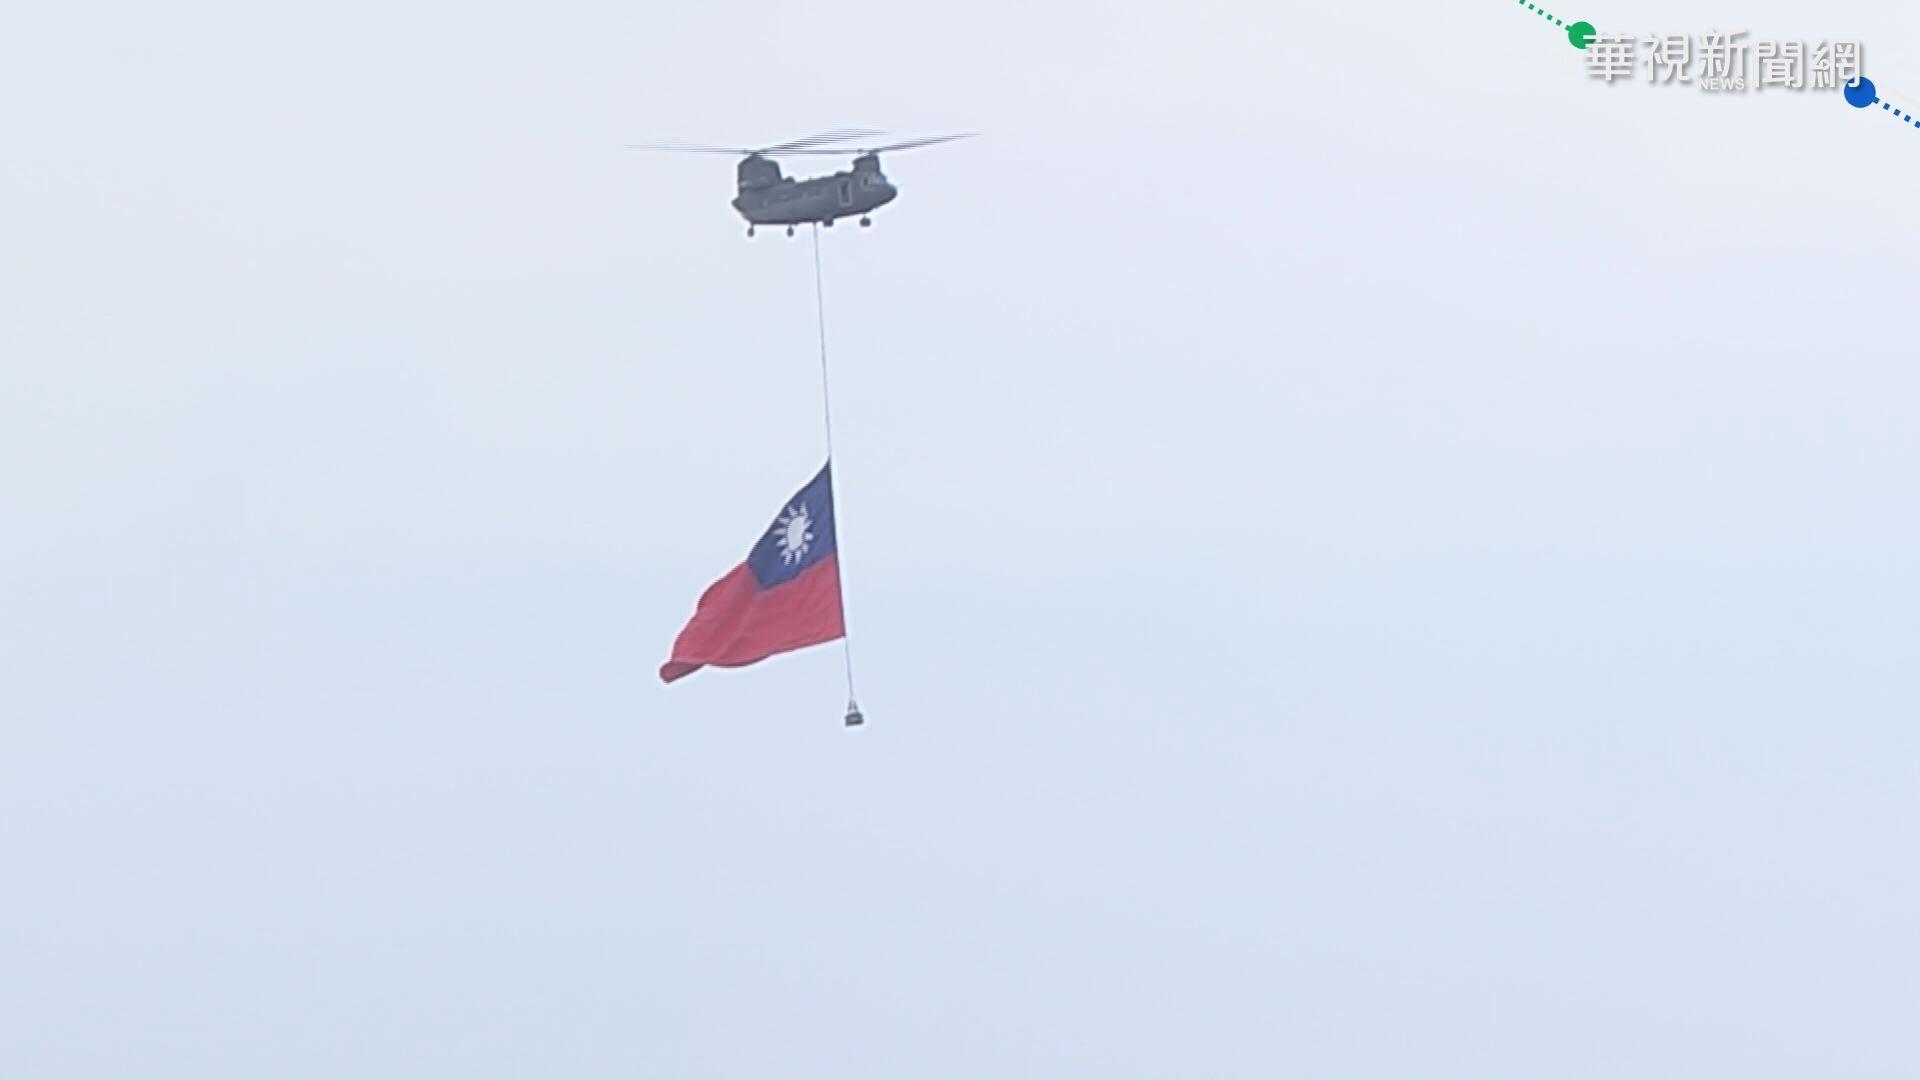 國慶CH-47吊掛史上最大國旗 試飛曝光